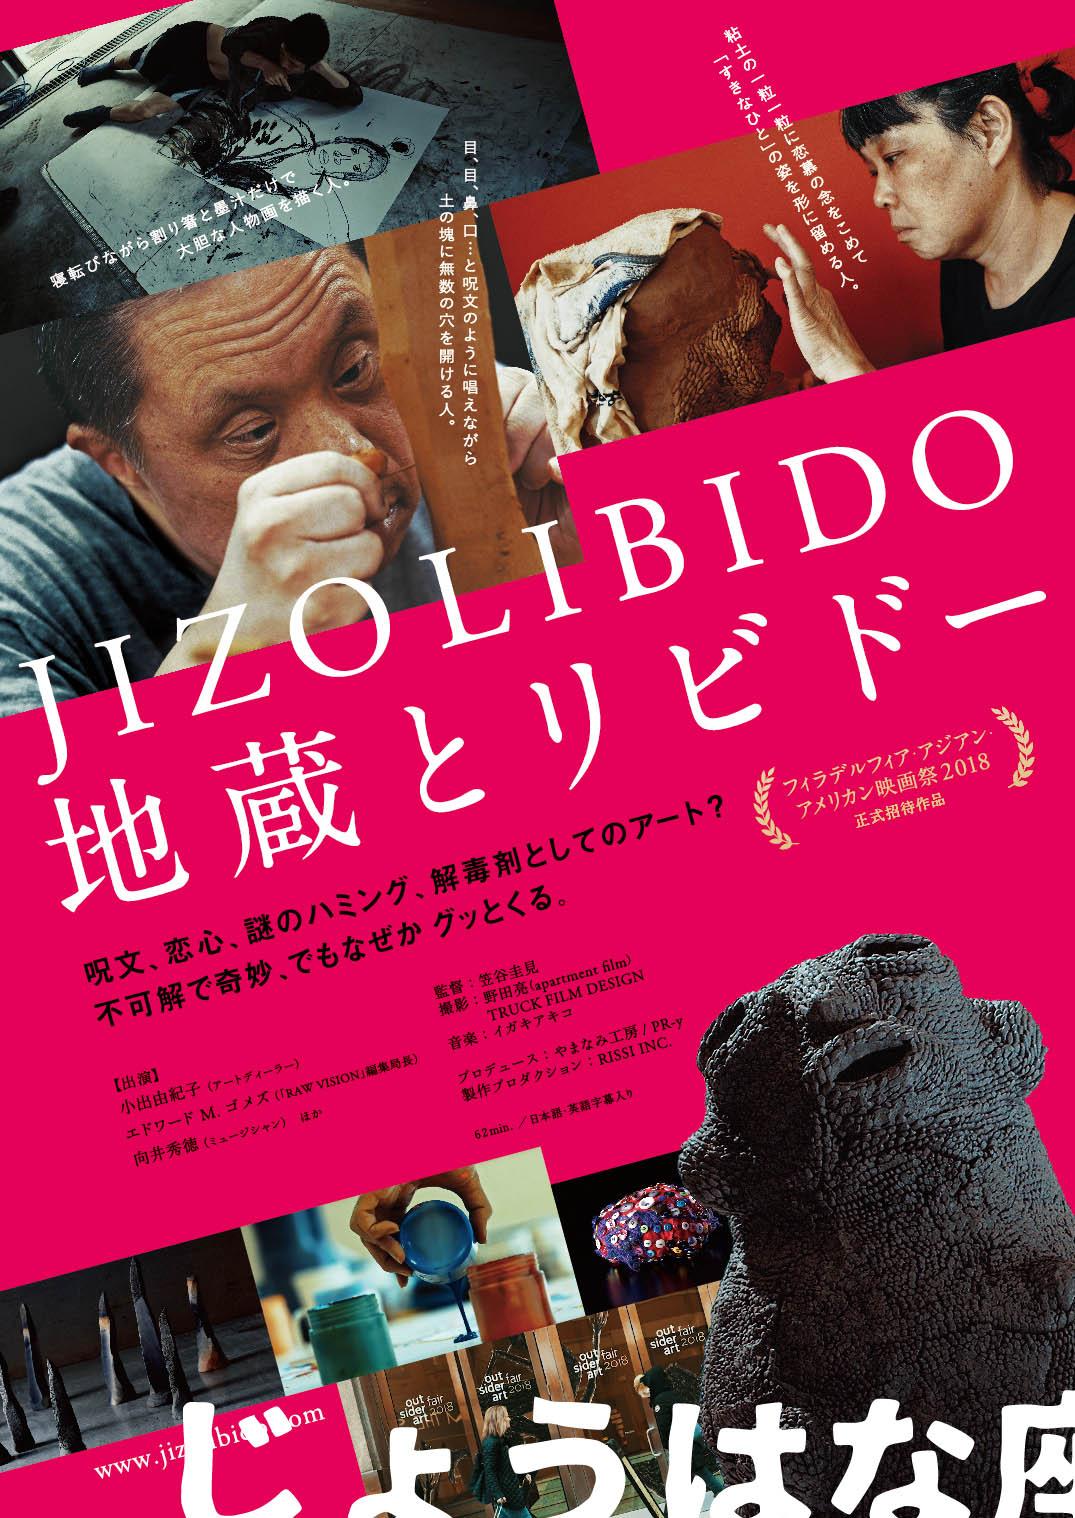 映画「地蔵とリビドー」上映会 富山県南砺市 じょうはな座【午前の部】